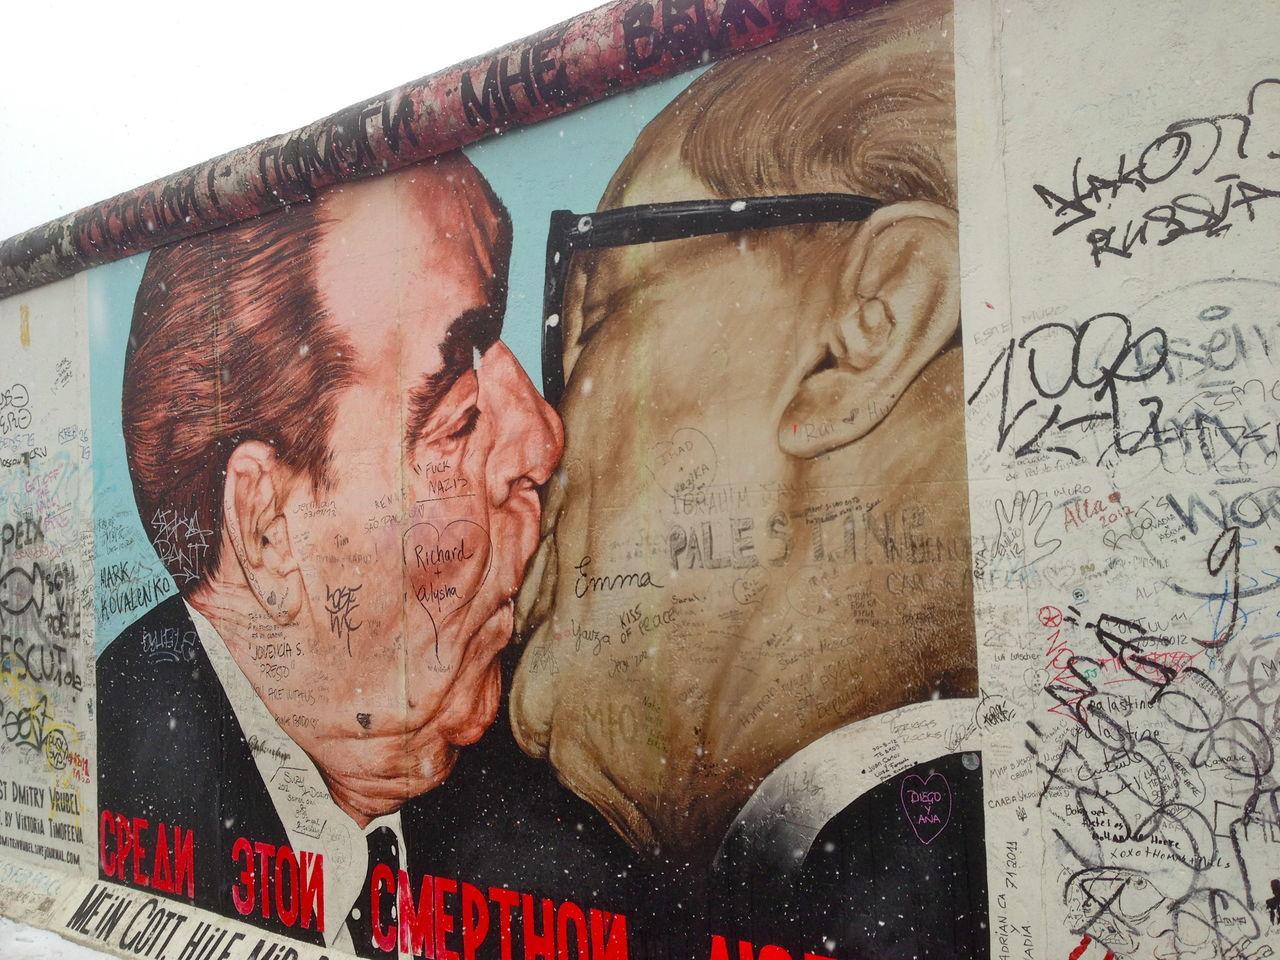 Art Battle Of The Cities Berlin Wall Close-up Creativity Culture Gorbatschow Human Representation Memories Political Street Art Poster Street Art Young Adult Fresh On Eyeem